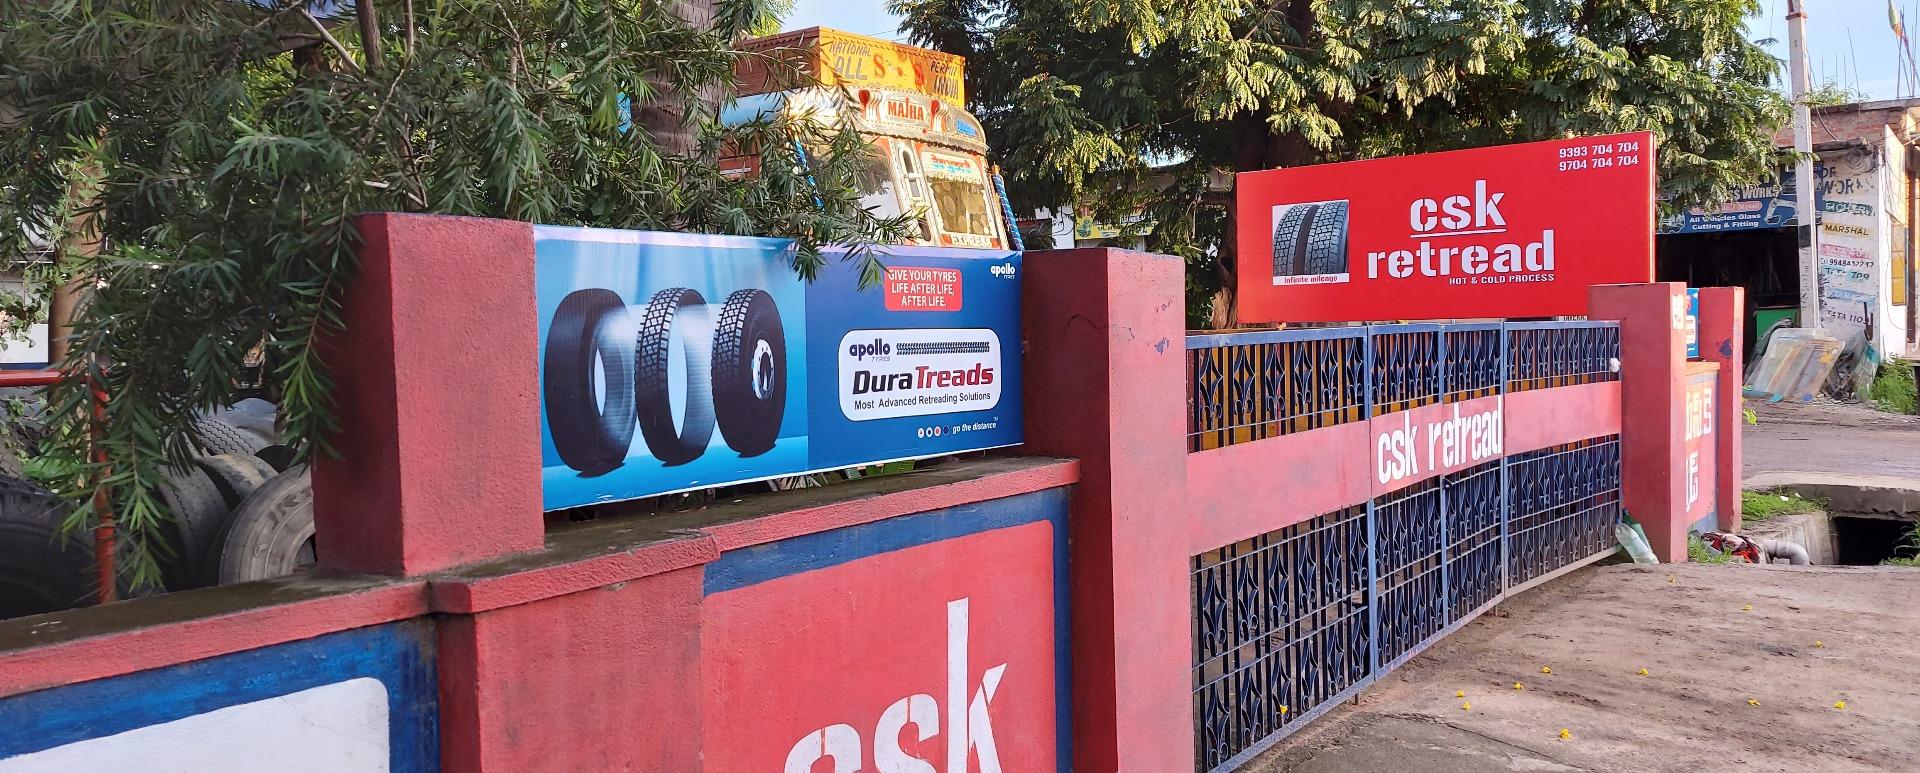 Csk Retread - Tyre Shop in Nizamabad